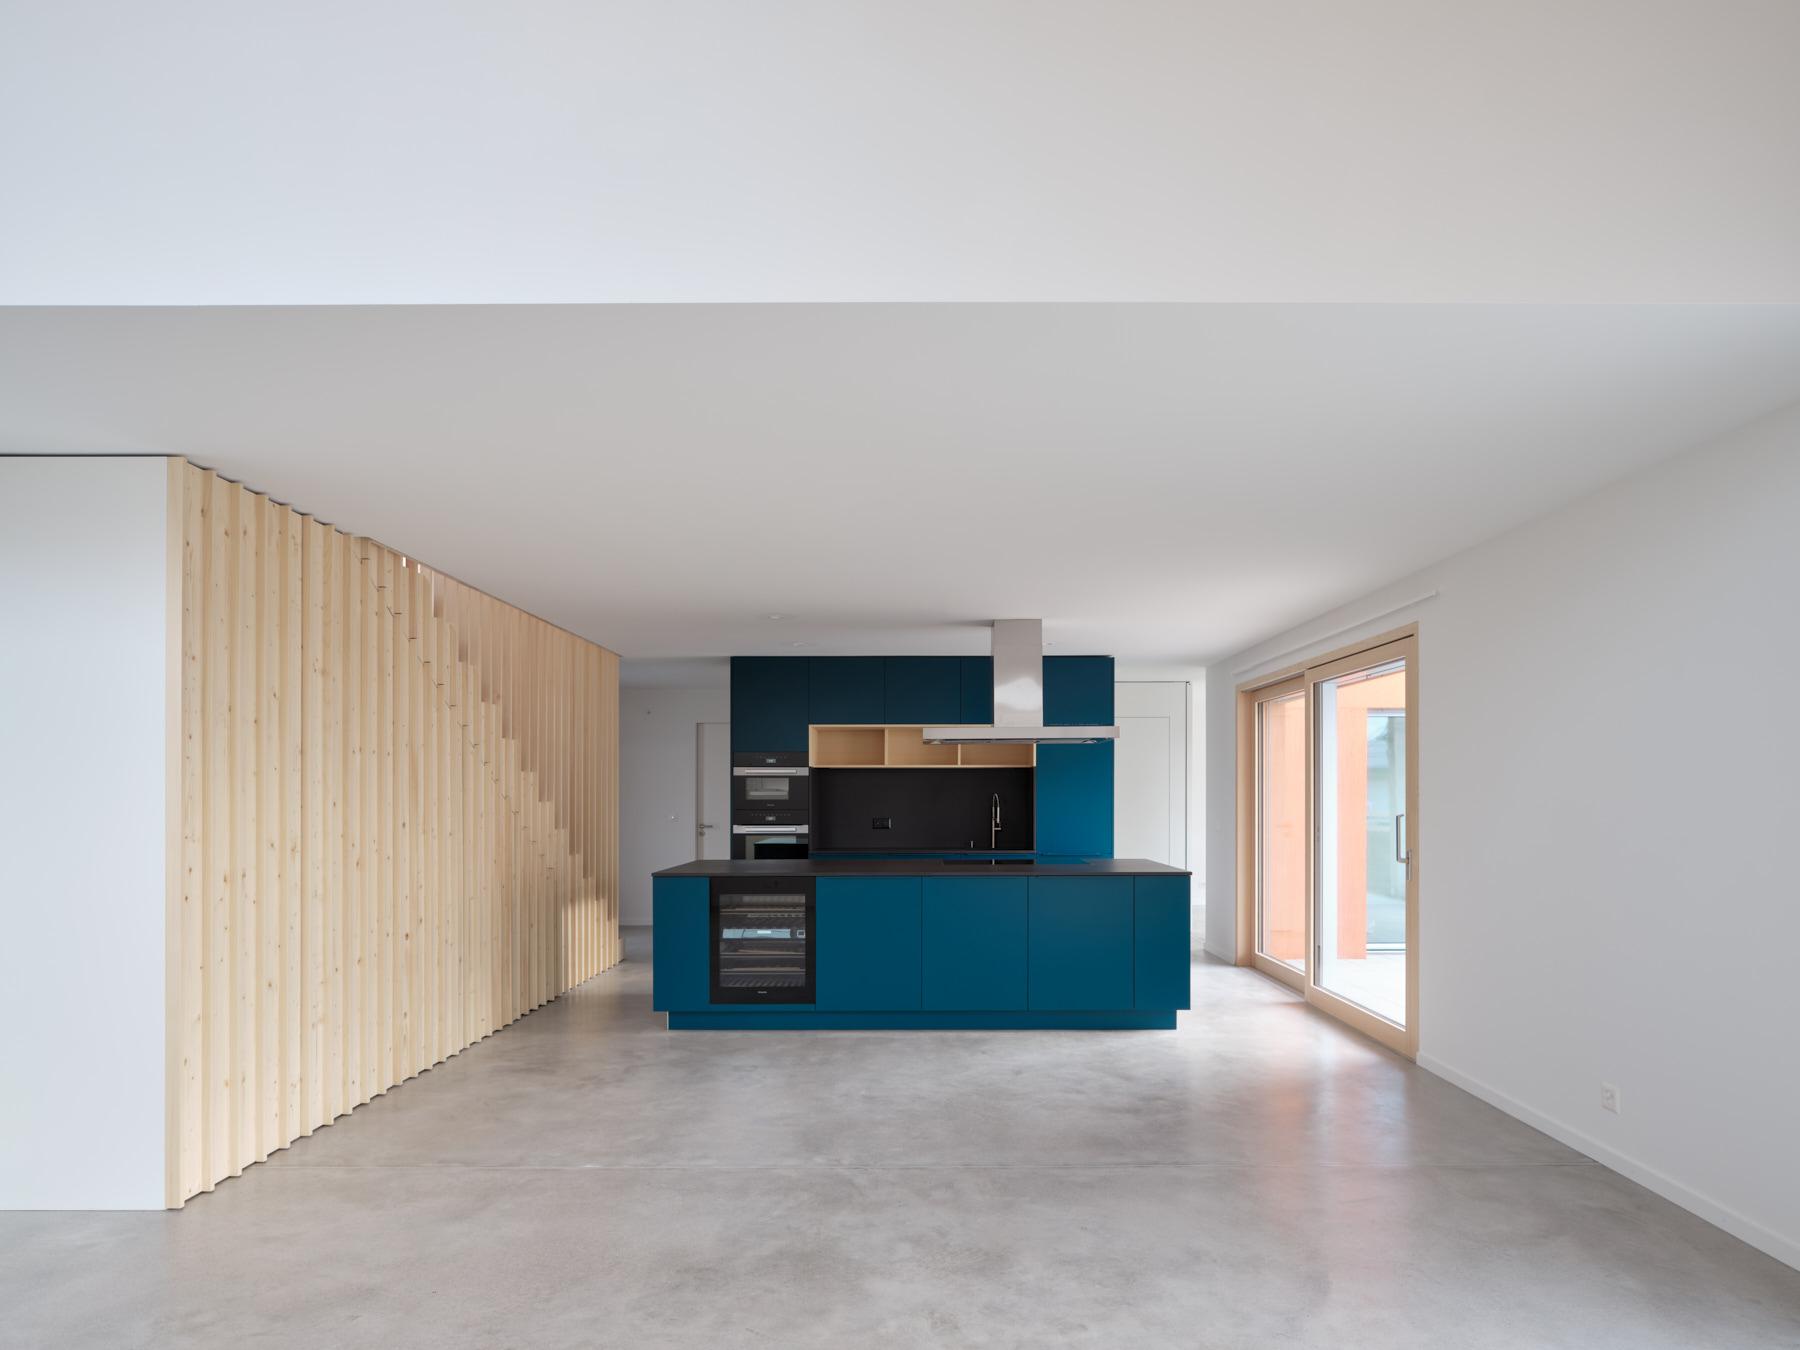 Maison R - pièce à vivre - shape architecture